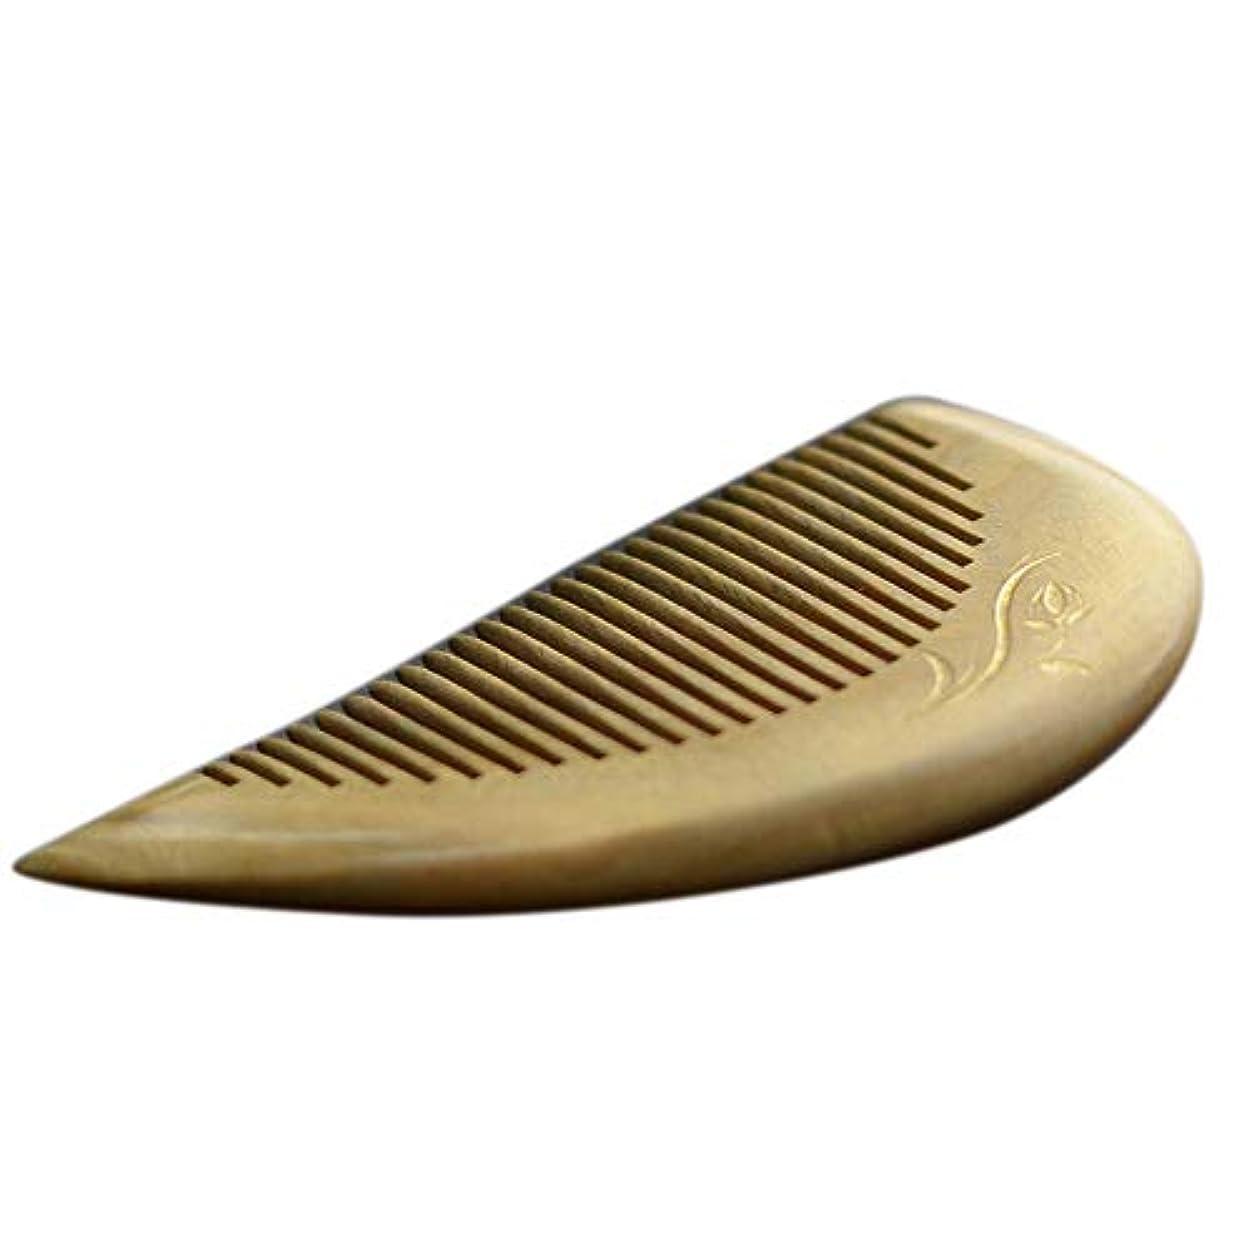 メタン人類流暢Fashian彫ナチュラルグリーンサンダルウッドくし - ハートウェディングギフト手作りの木製くし ヘアケア (色 : Photo color)